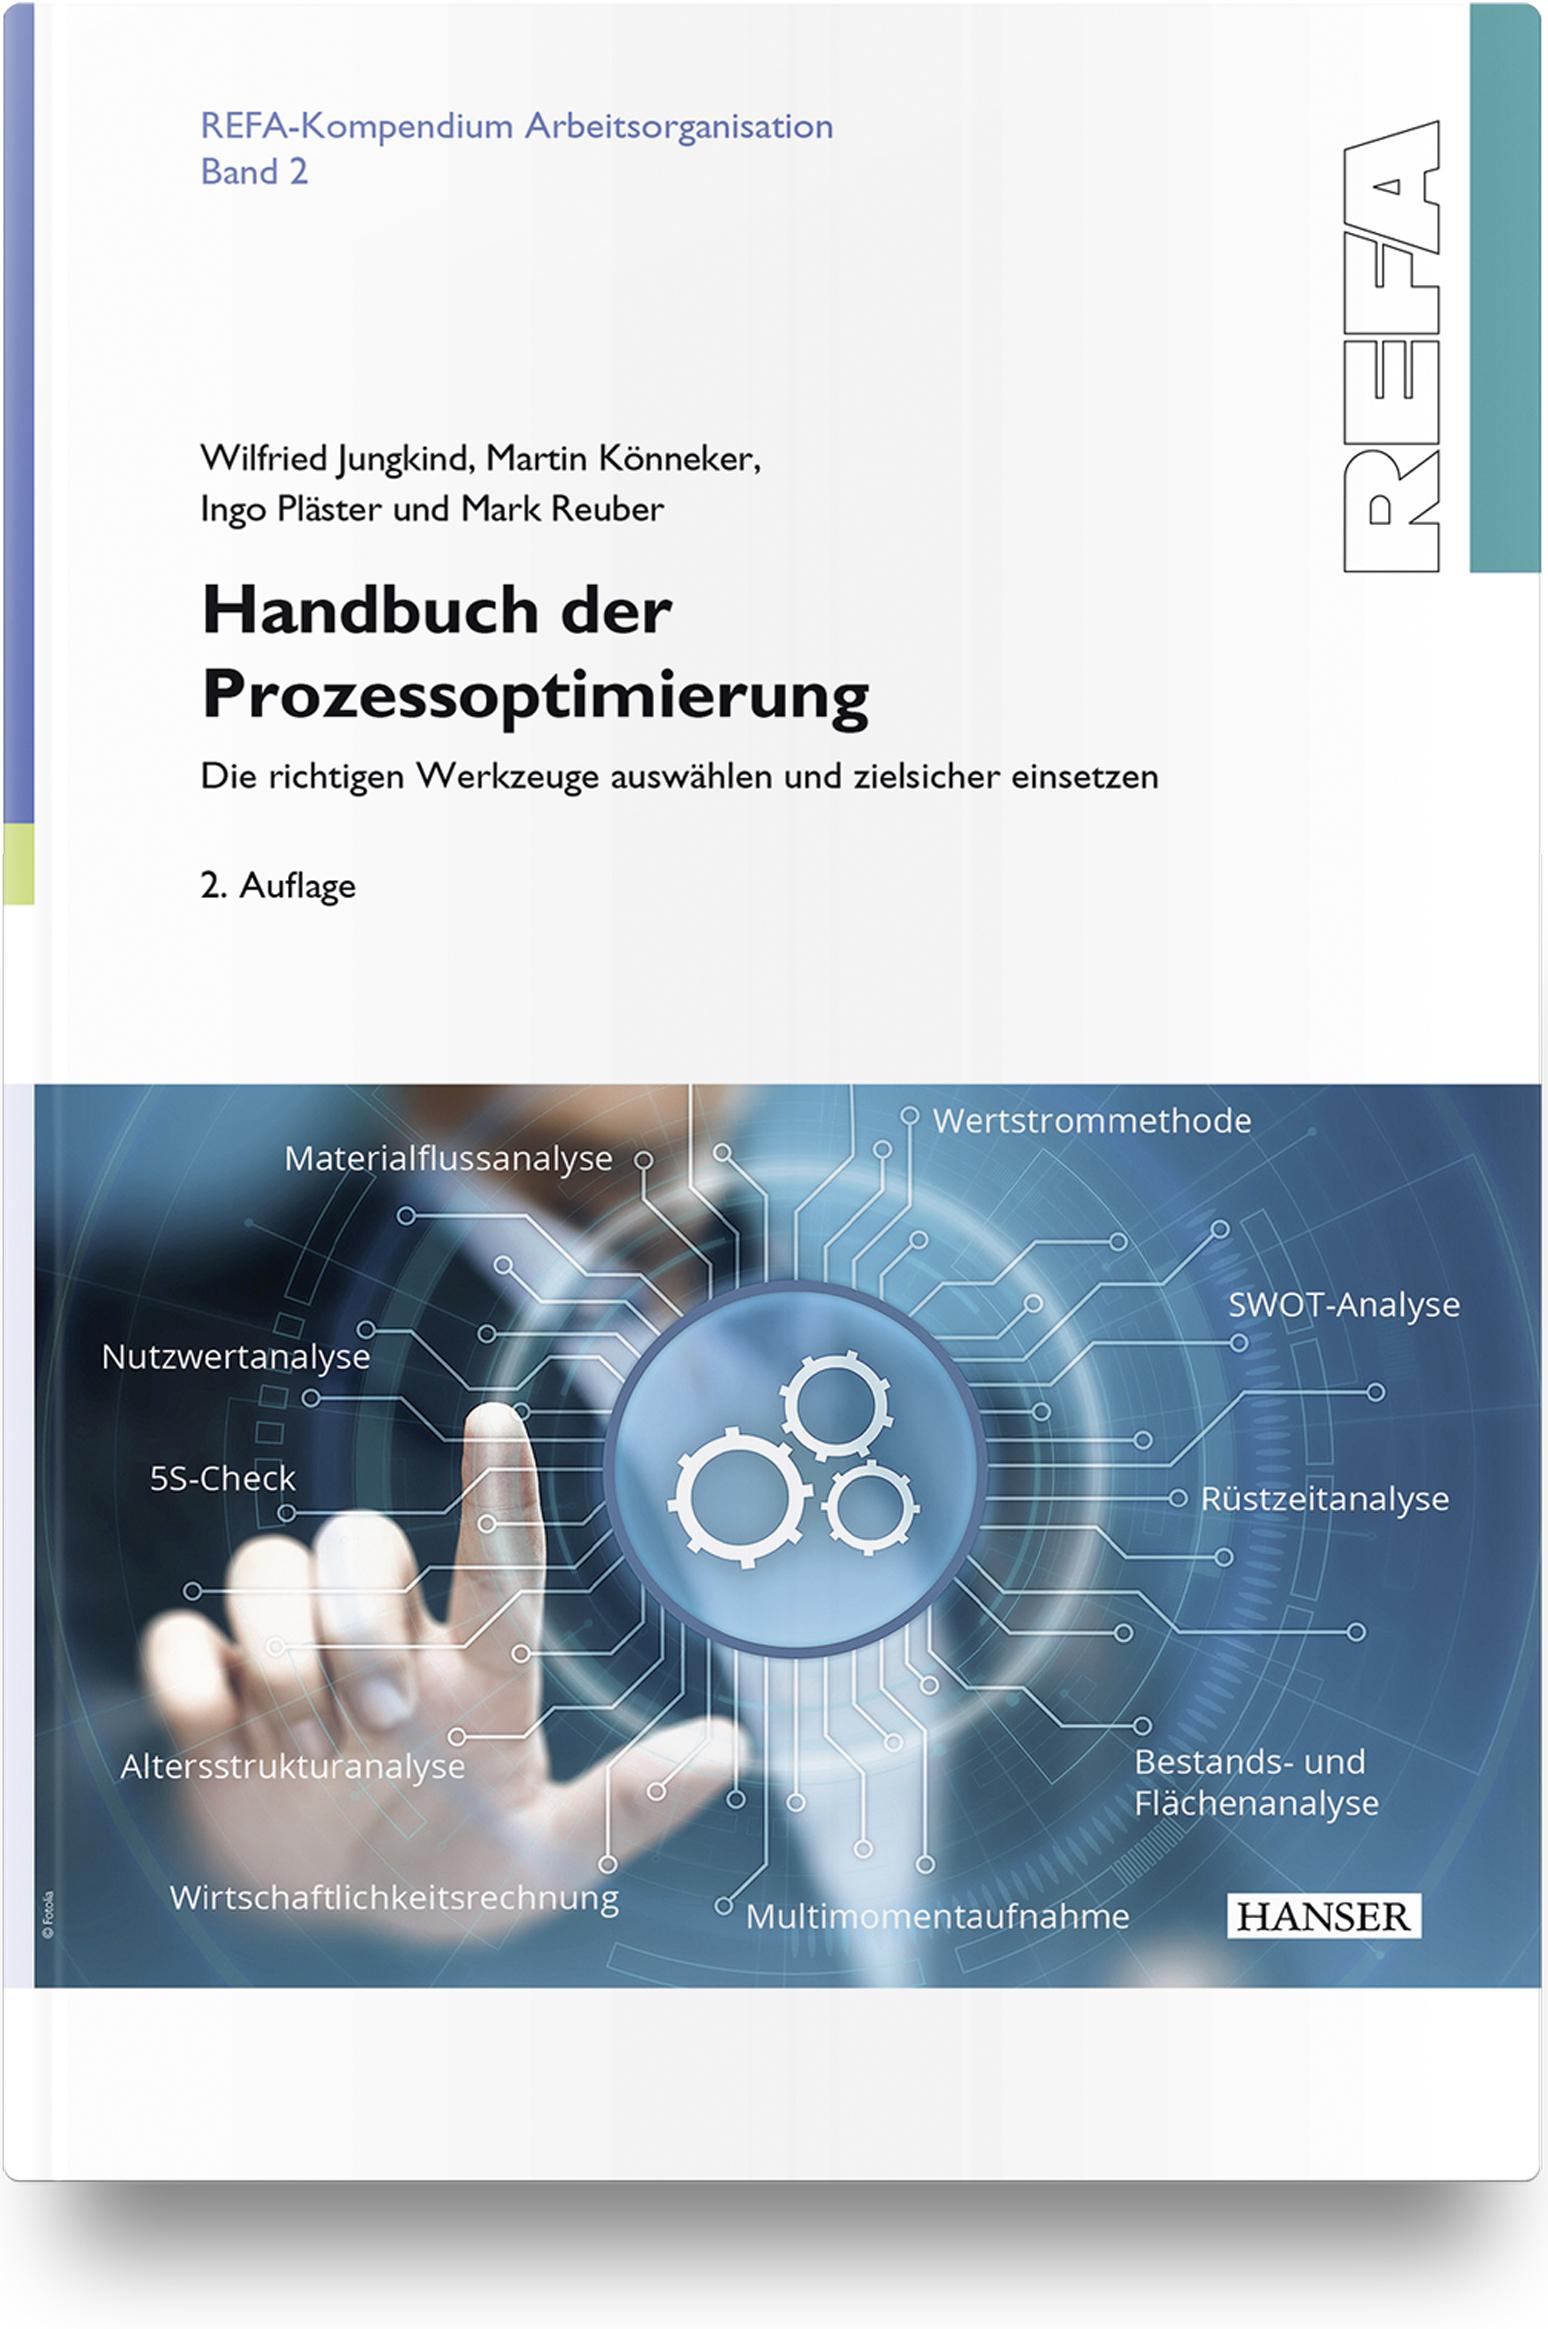 Jungkind, Könneker, Pläster, Reuber, Handbuch der Prozessoptimierung, 978-3-446-46250-2